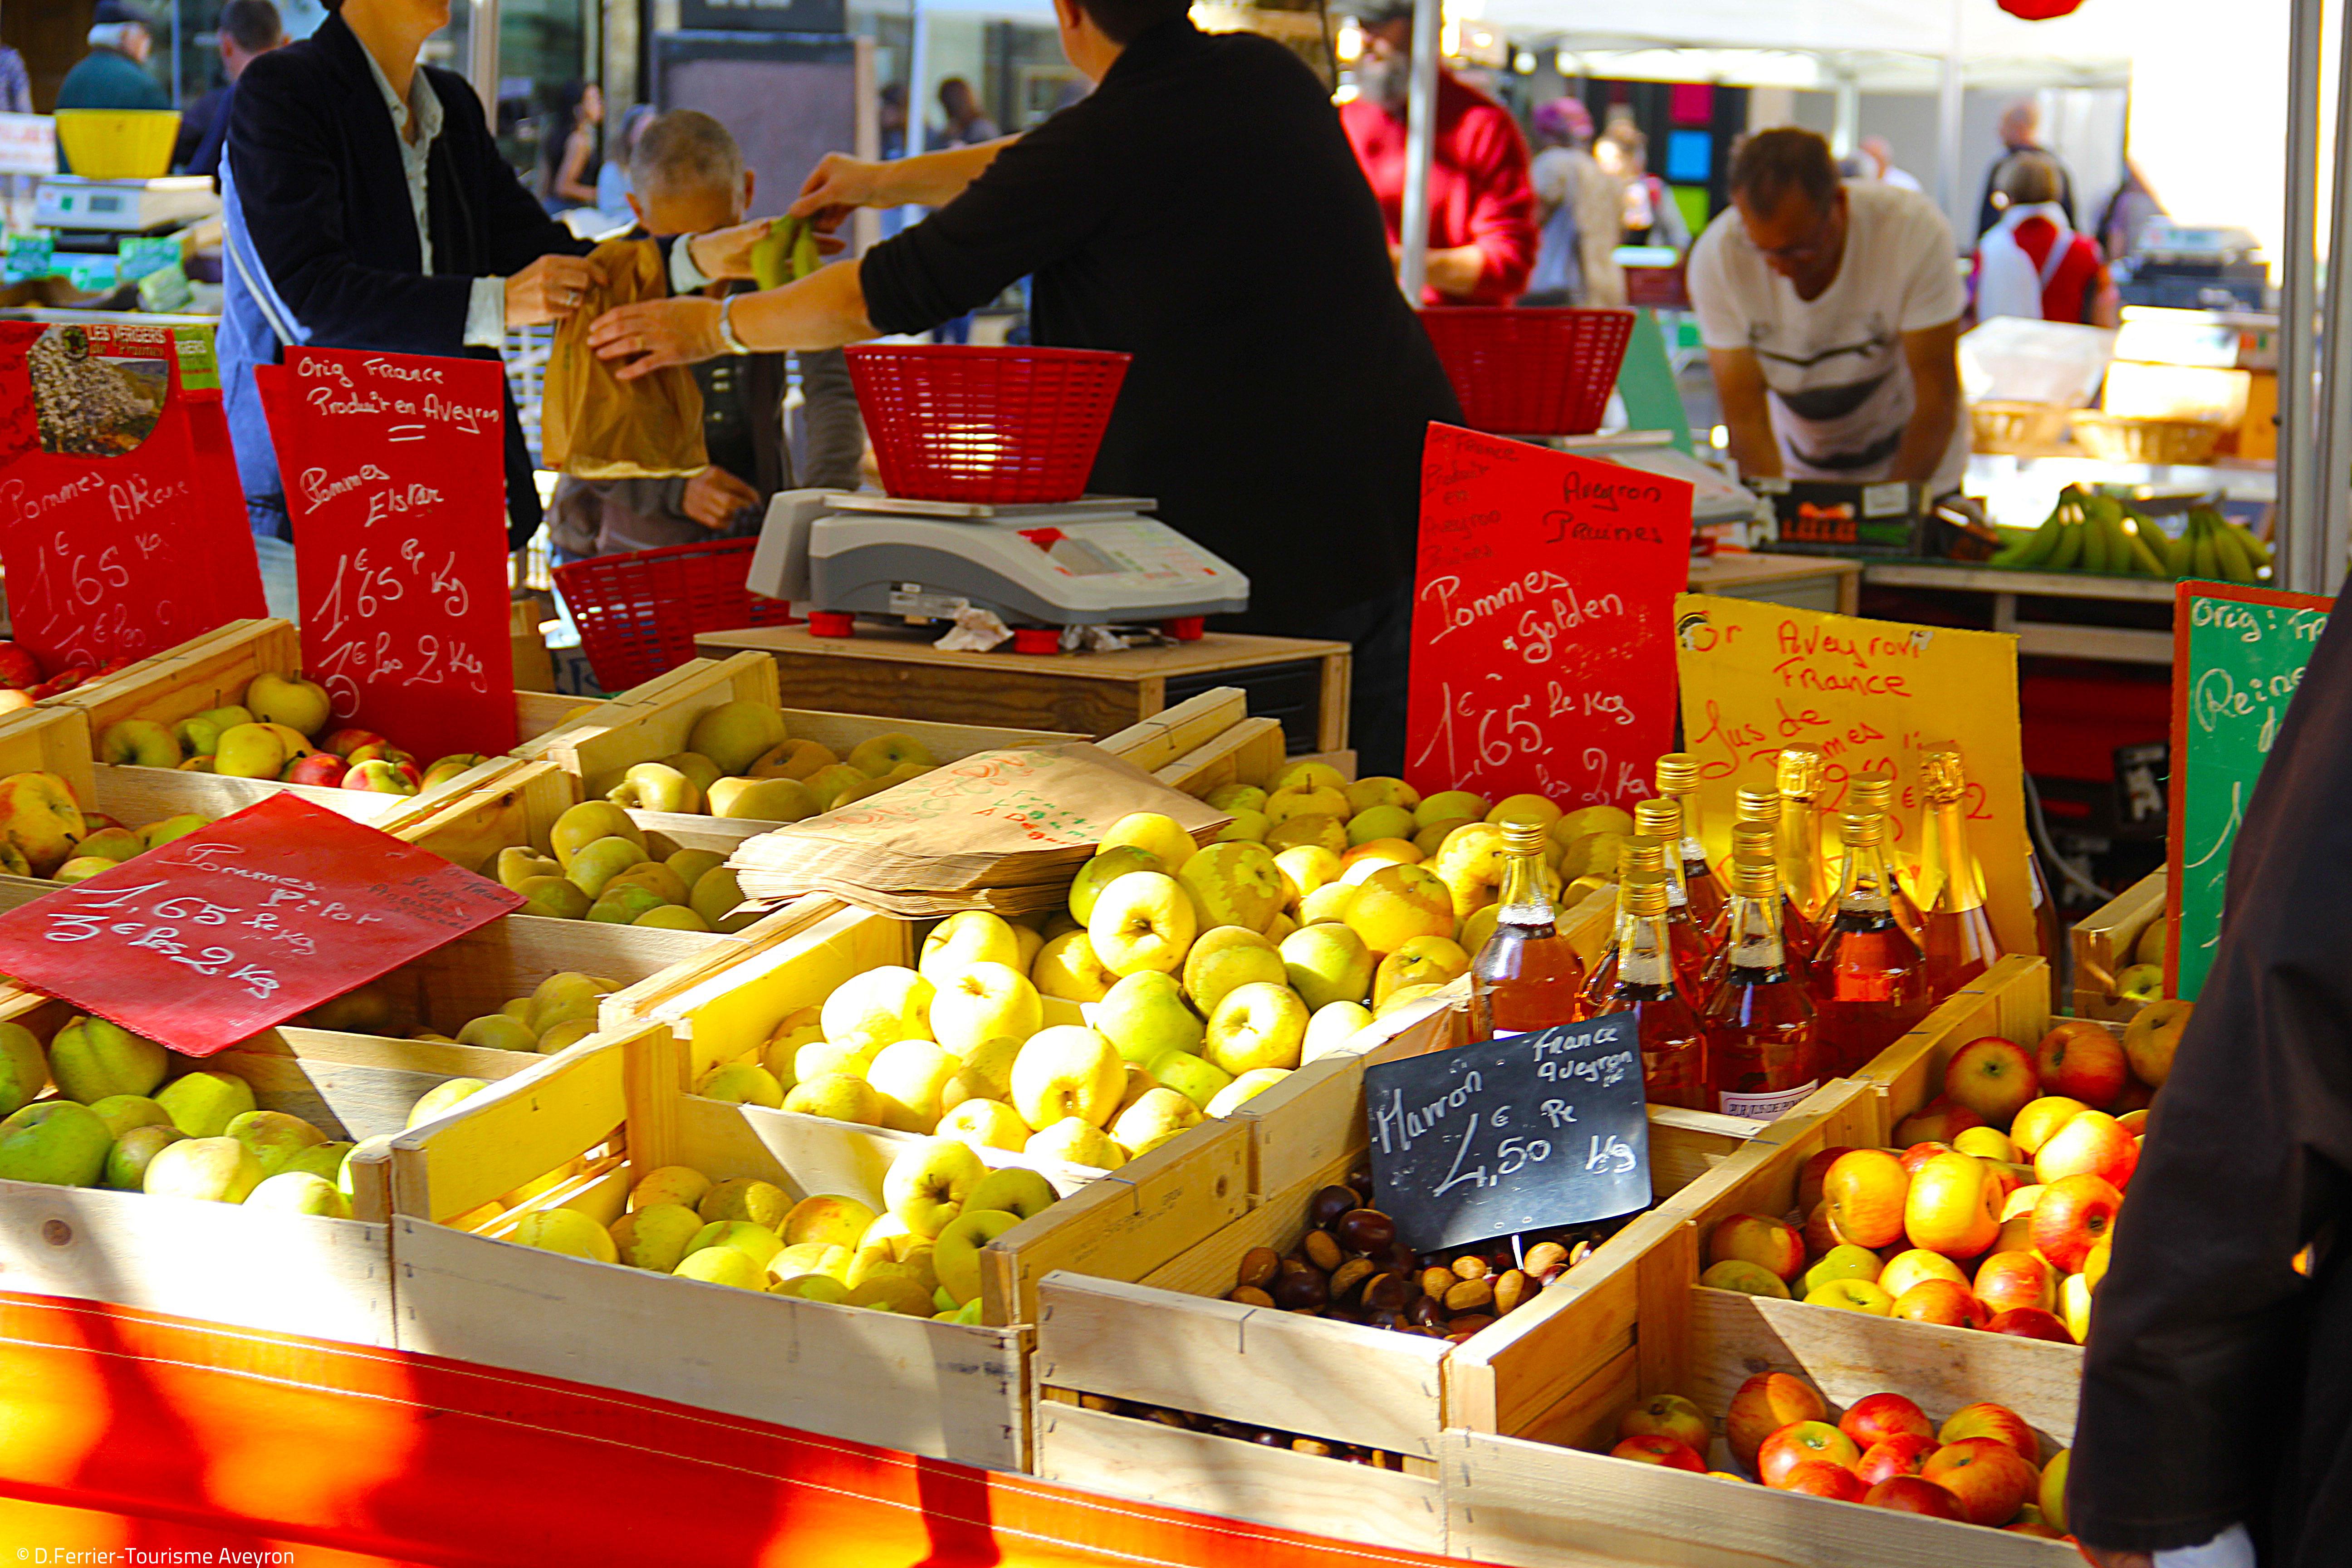 Etal, marché de Rodez, Aveyron @ D.Ferrier - Tourisme Aveyron